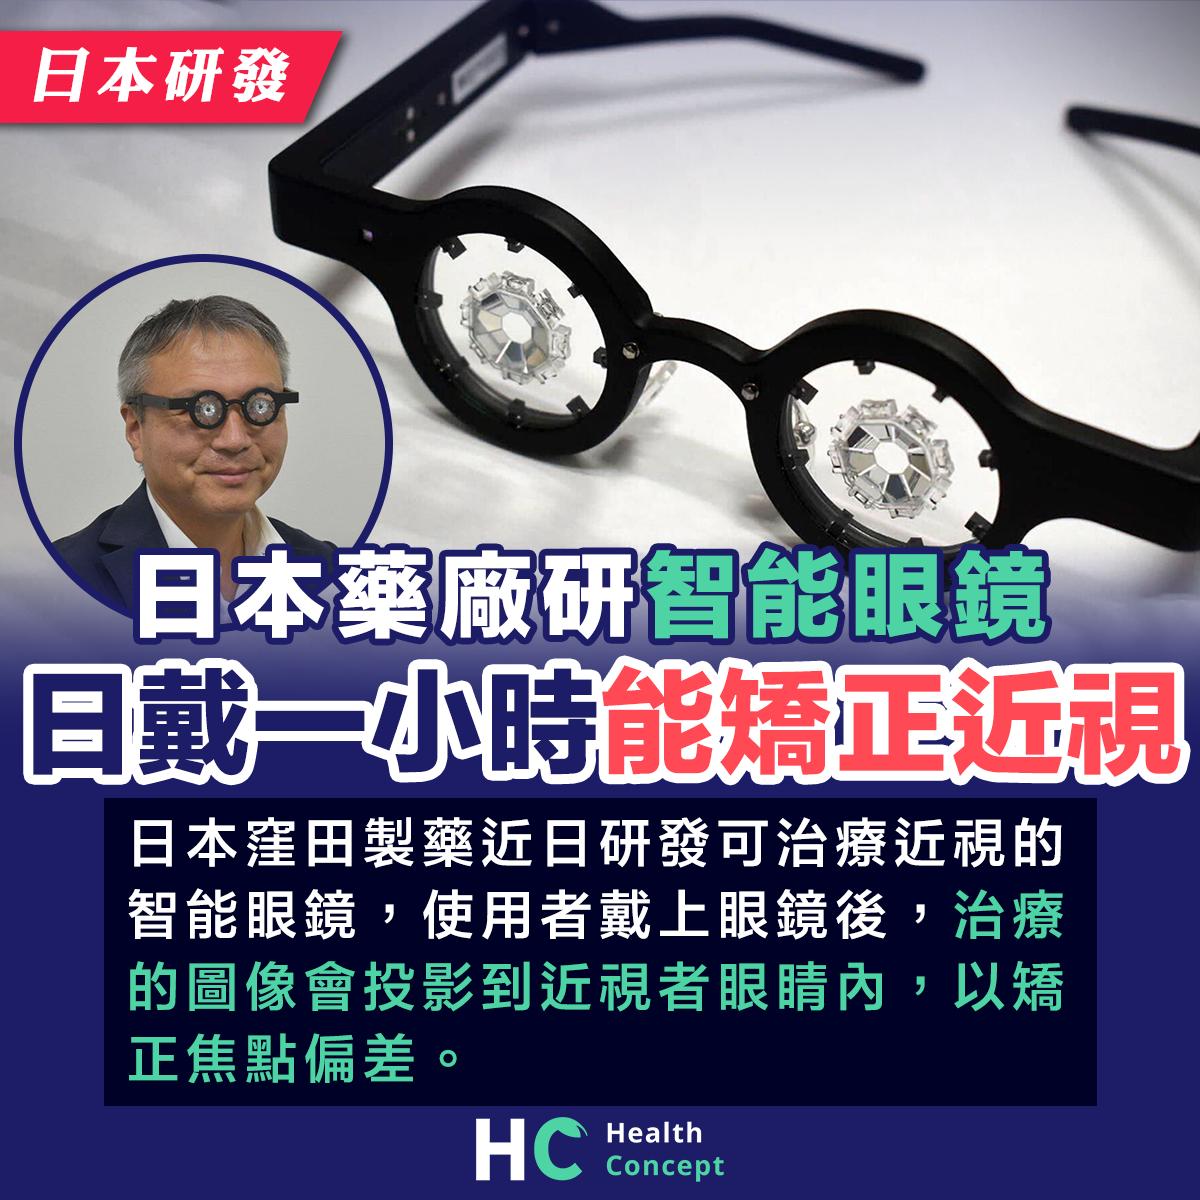 日本藥廠研智能眼鏡 日戴一小時能矯正近視